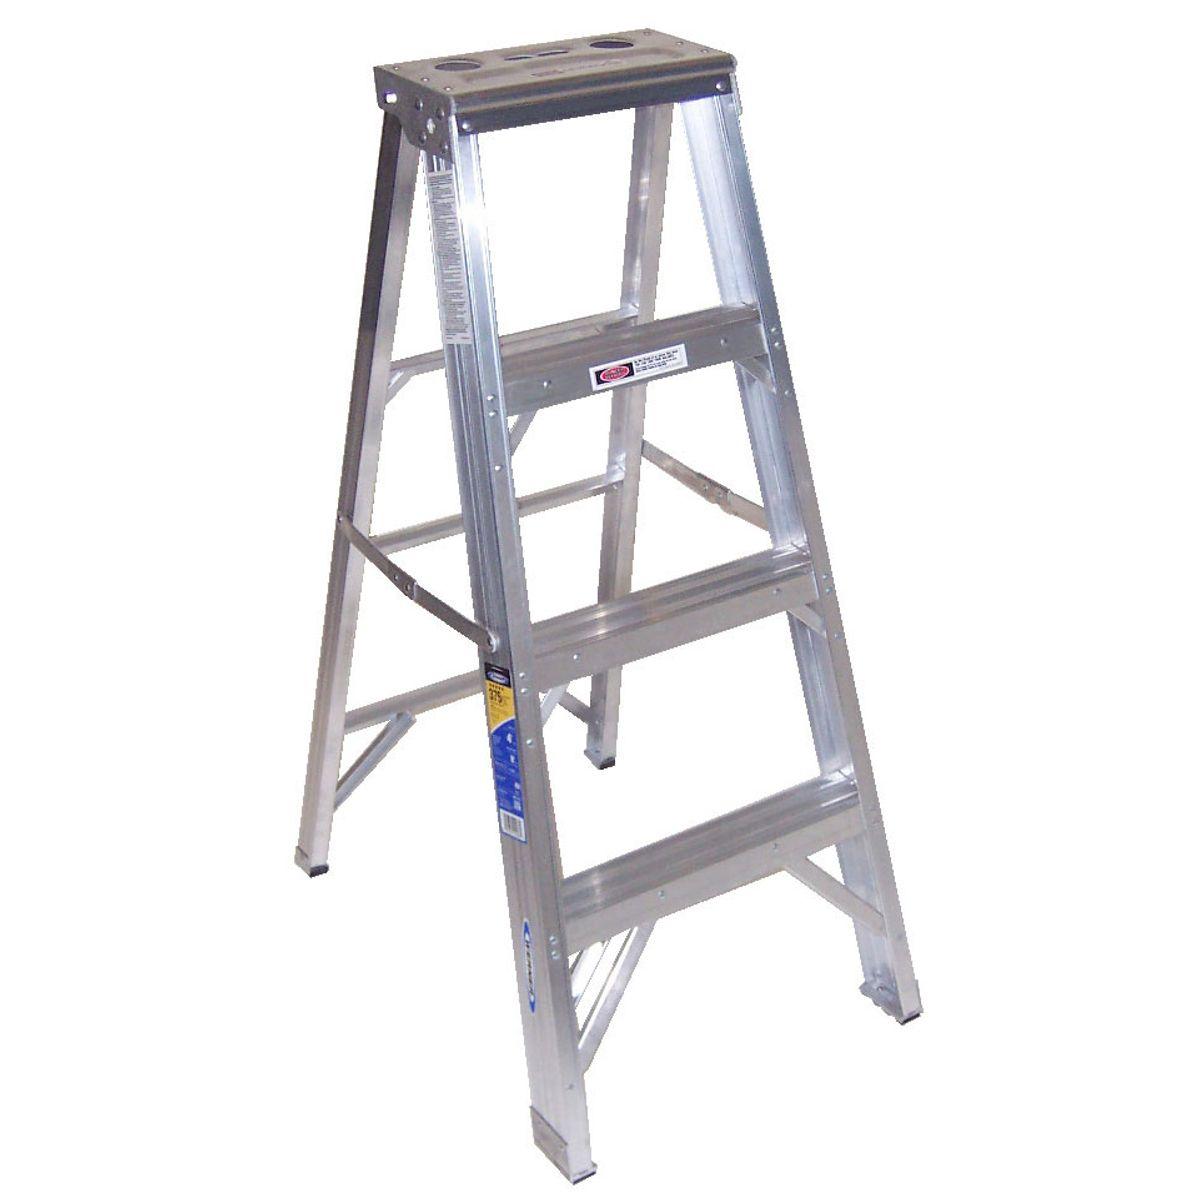 403ca Step Ladders Werner Ca